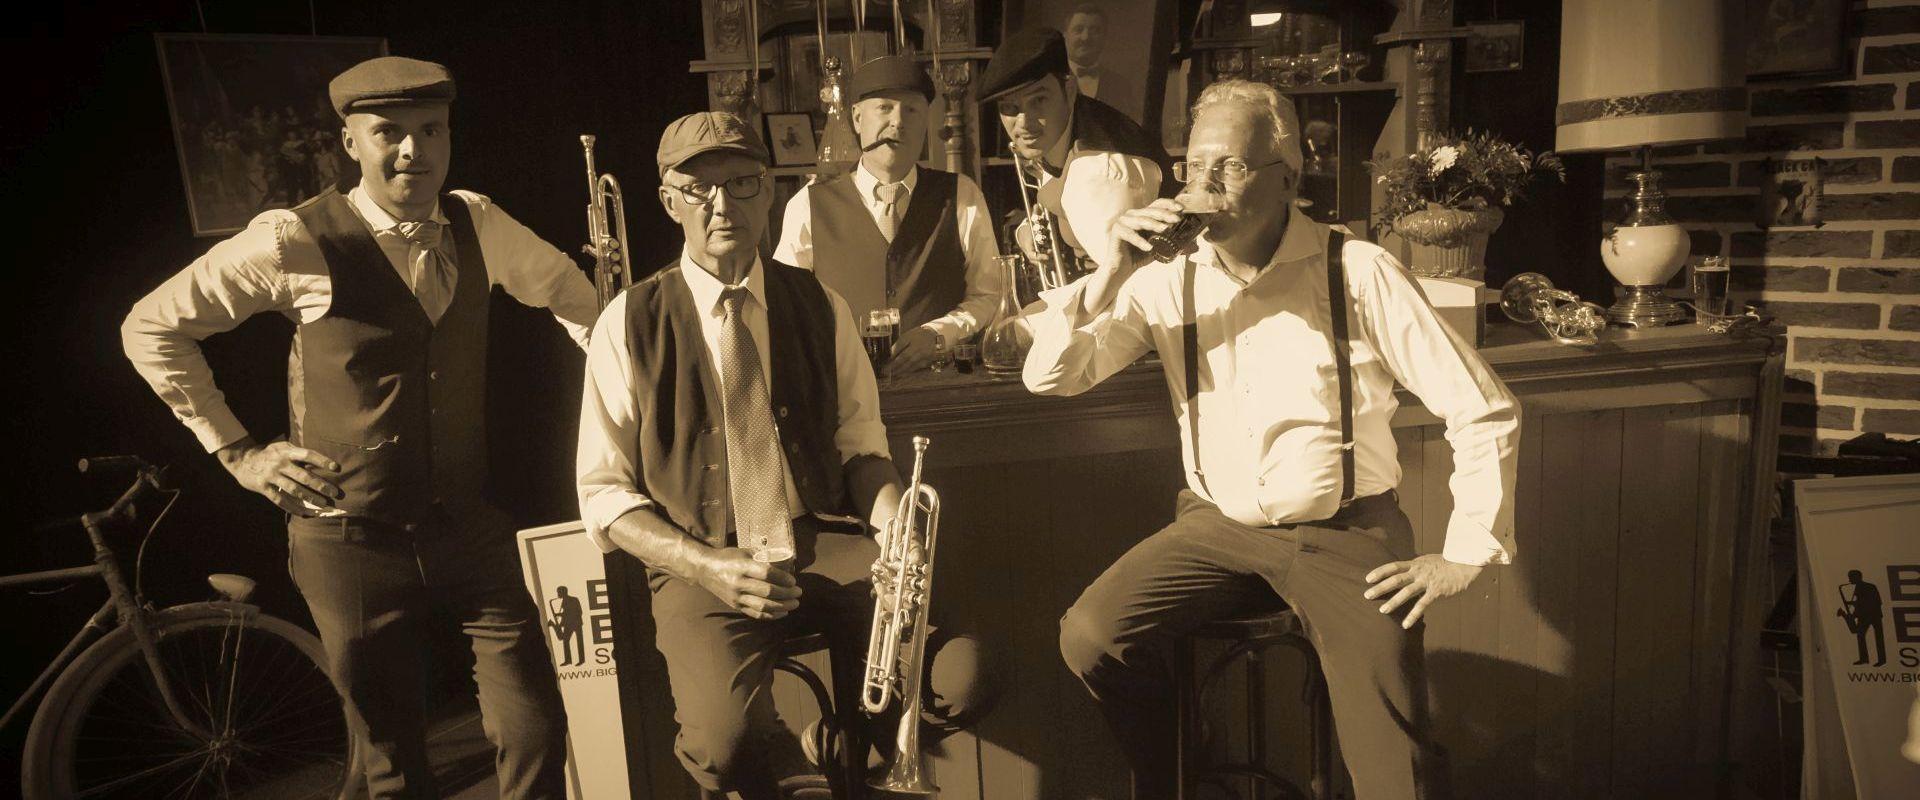 The Shiny Trumpets